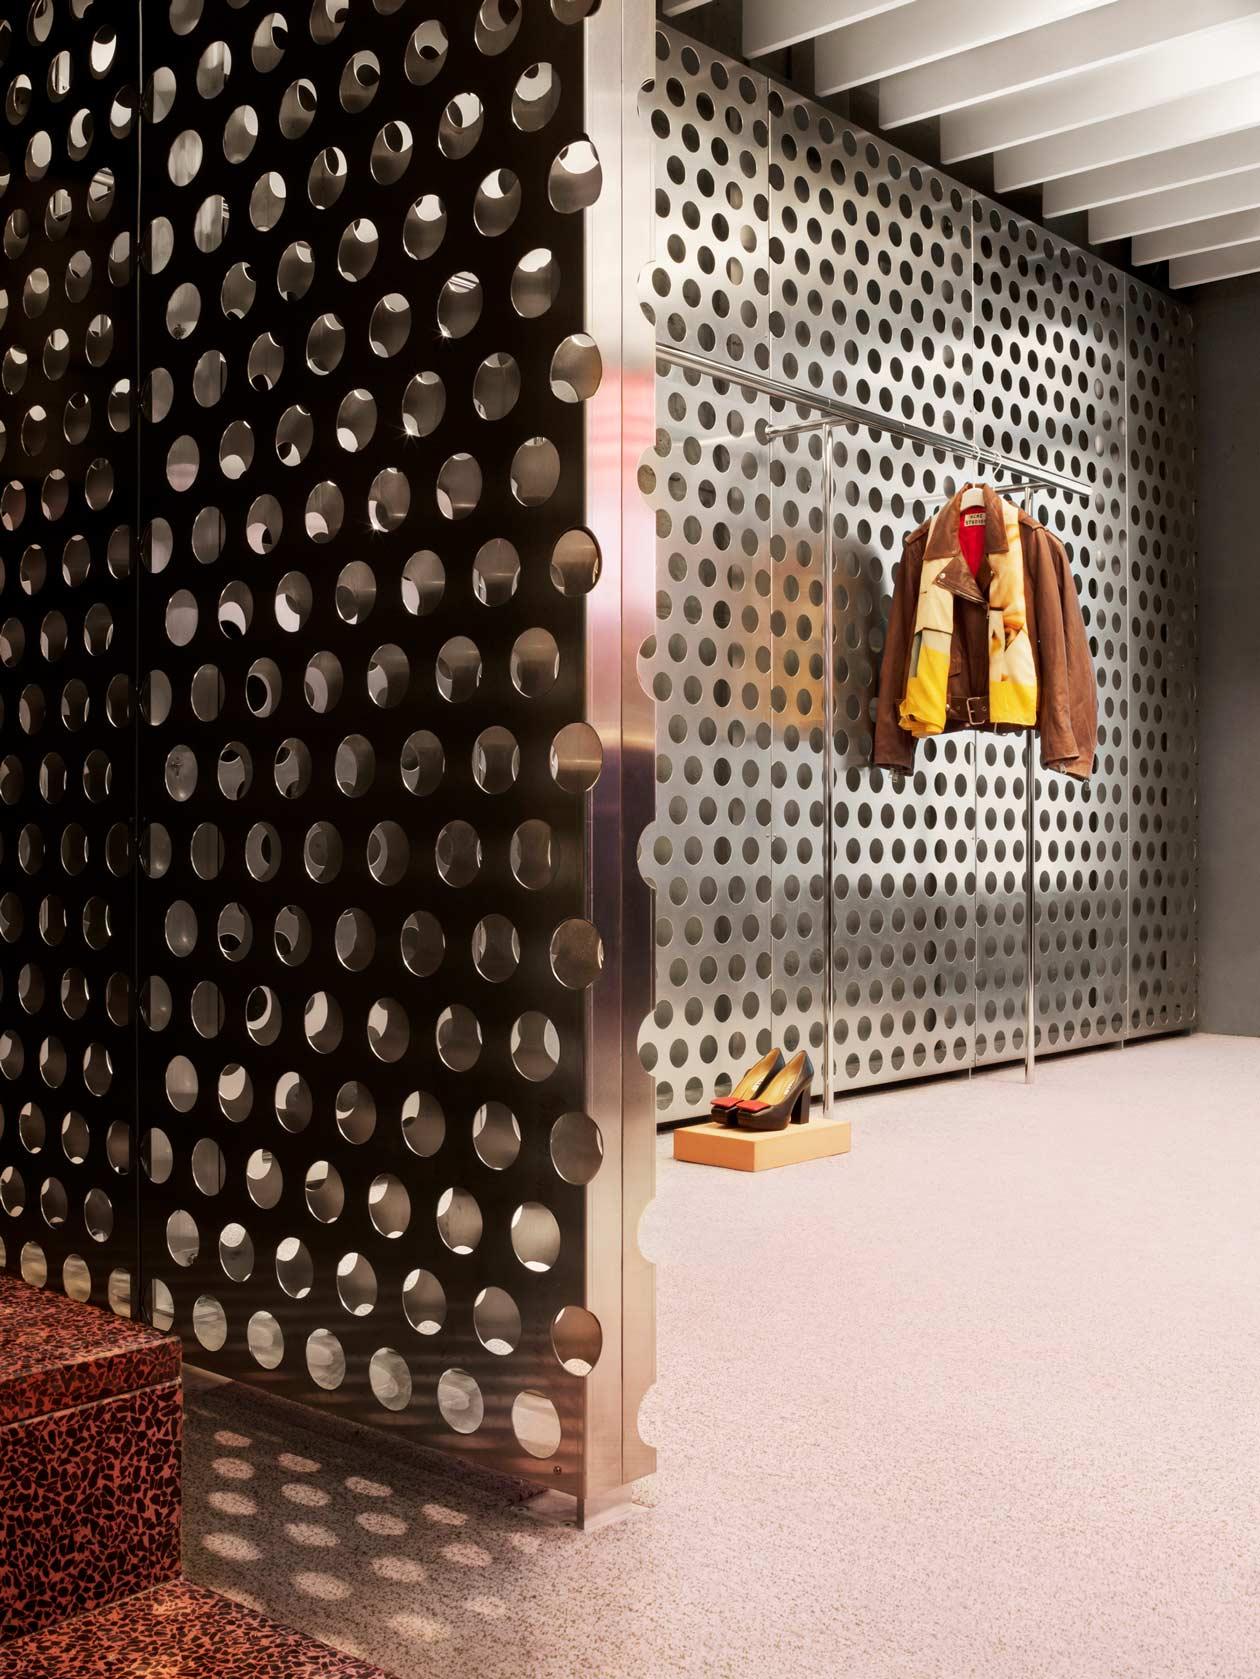 c199babcb292 Acne Studios – Emplacements des boutiques – Trouvez la boutique Acne Studios  proche de chez vous